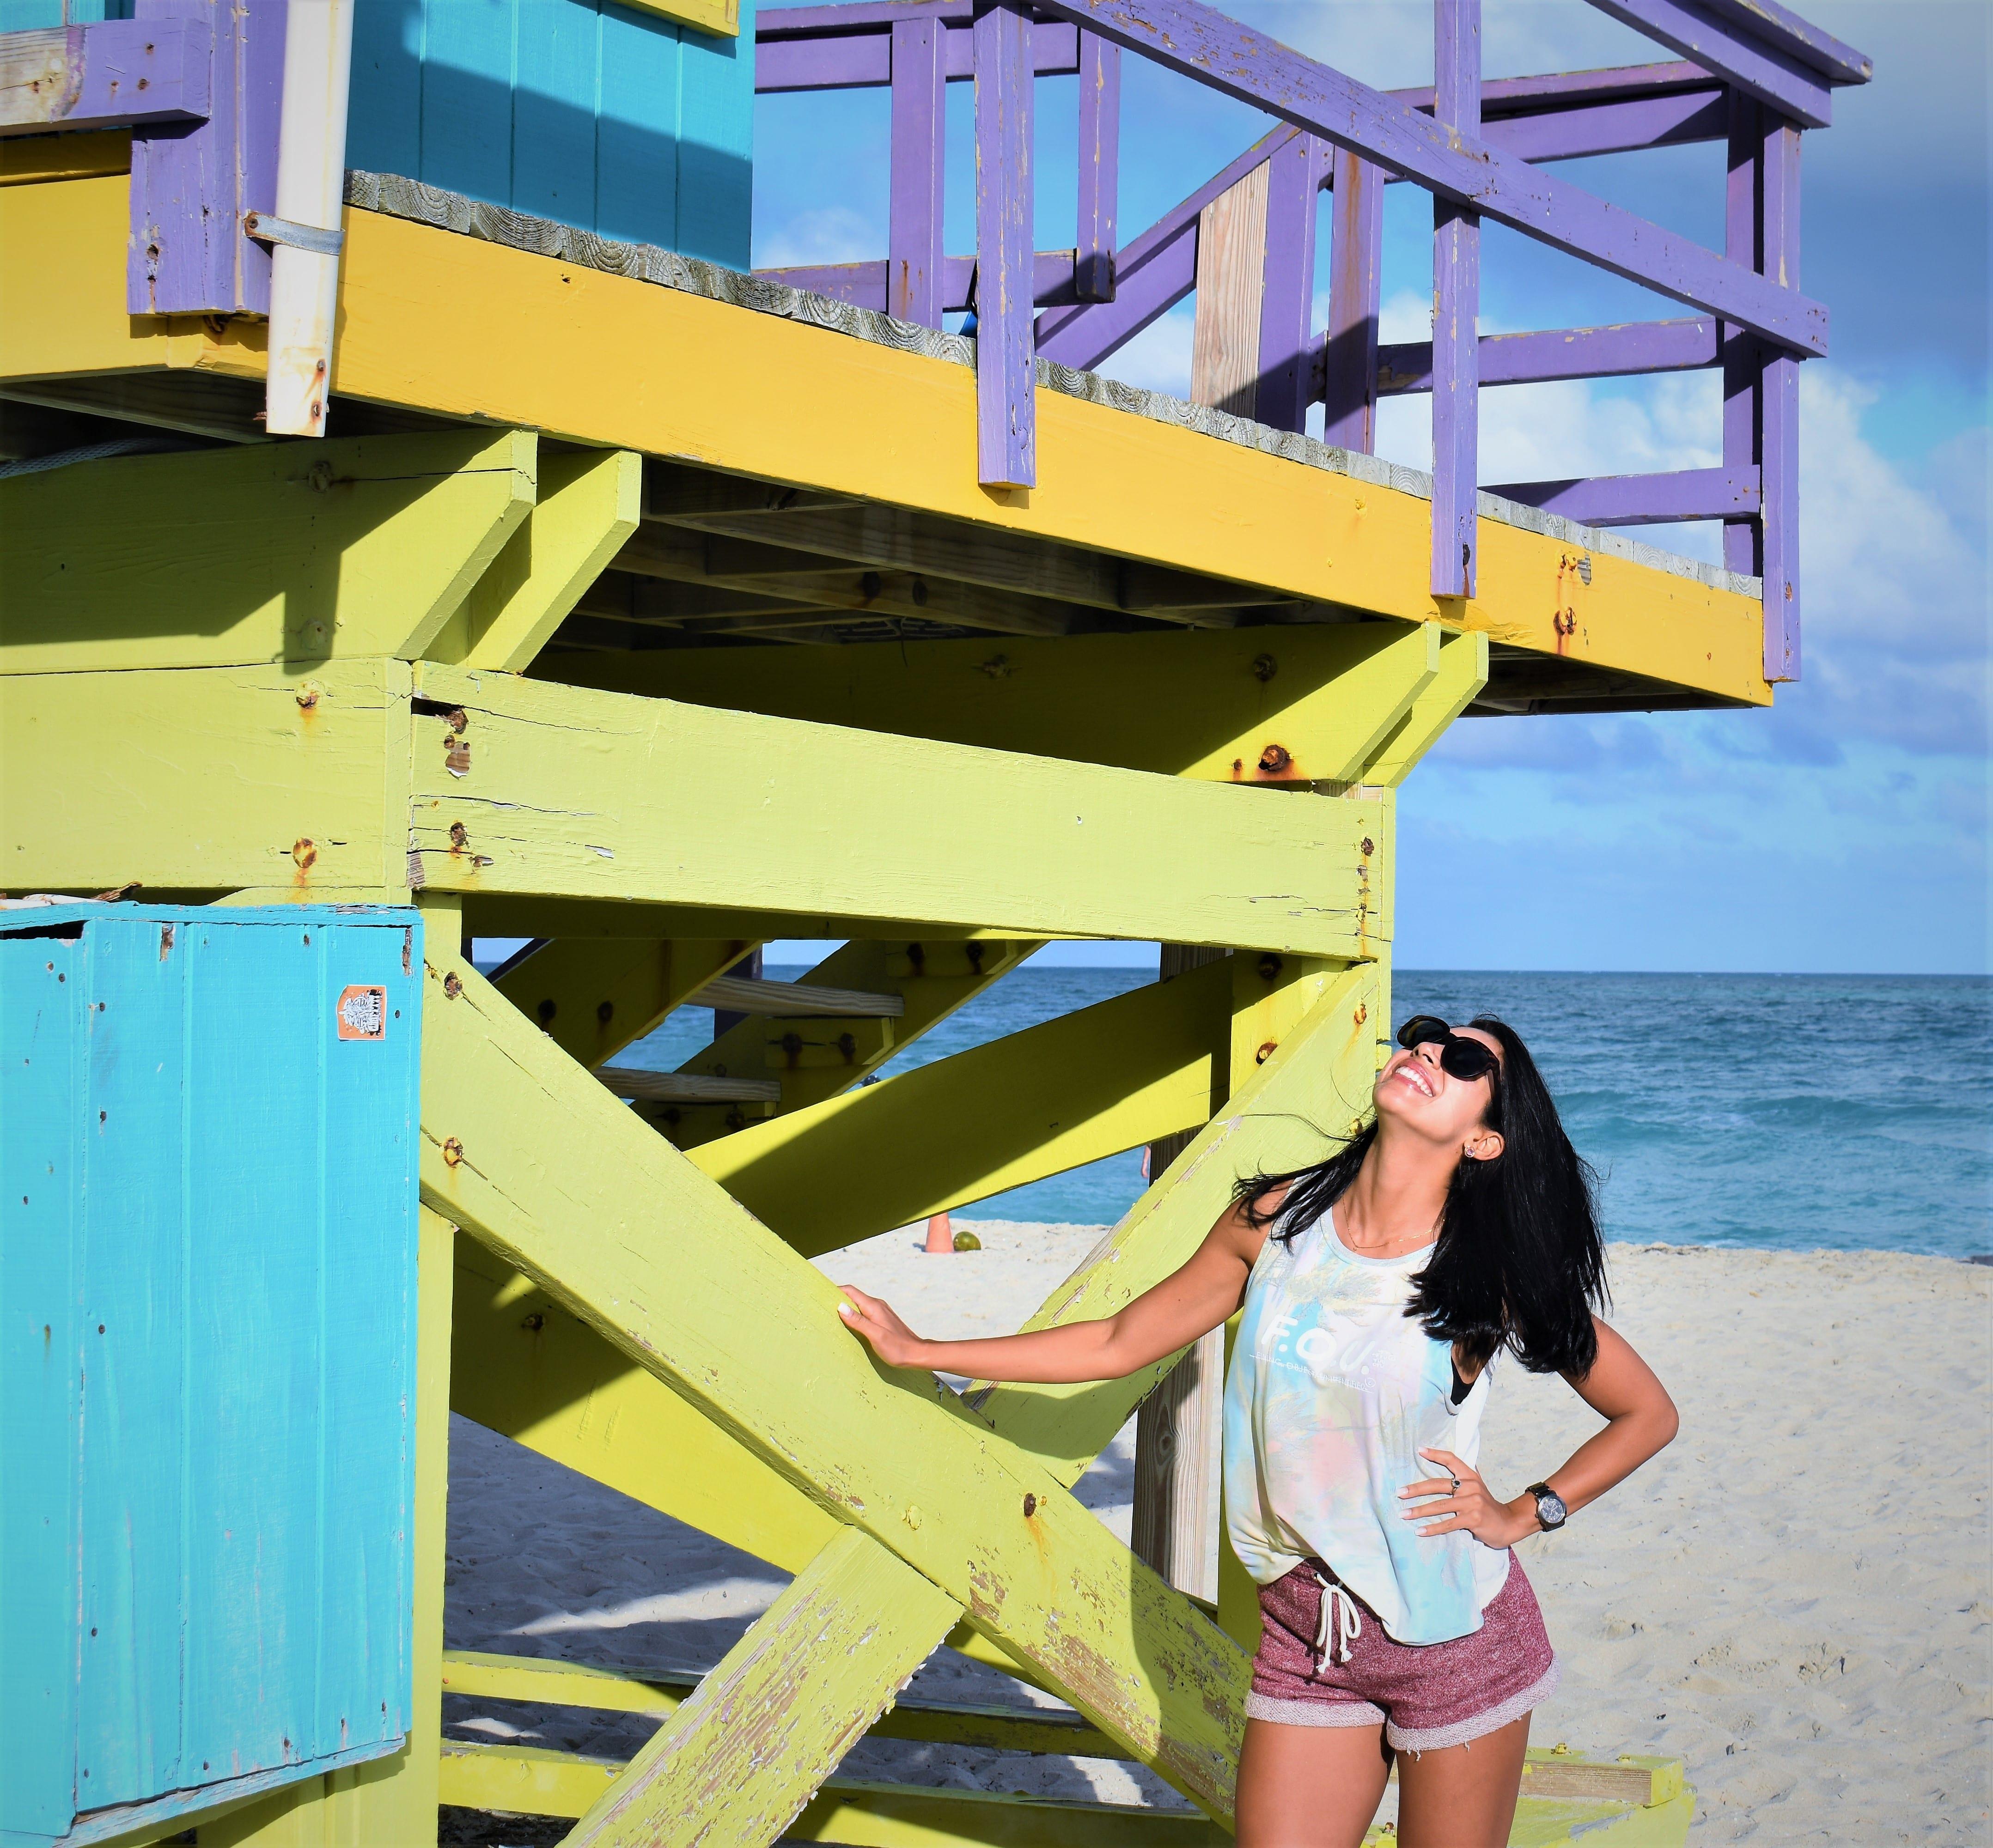 Clássica... Lifeguard em Miami Beach